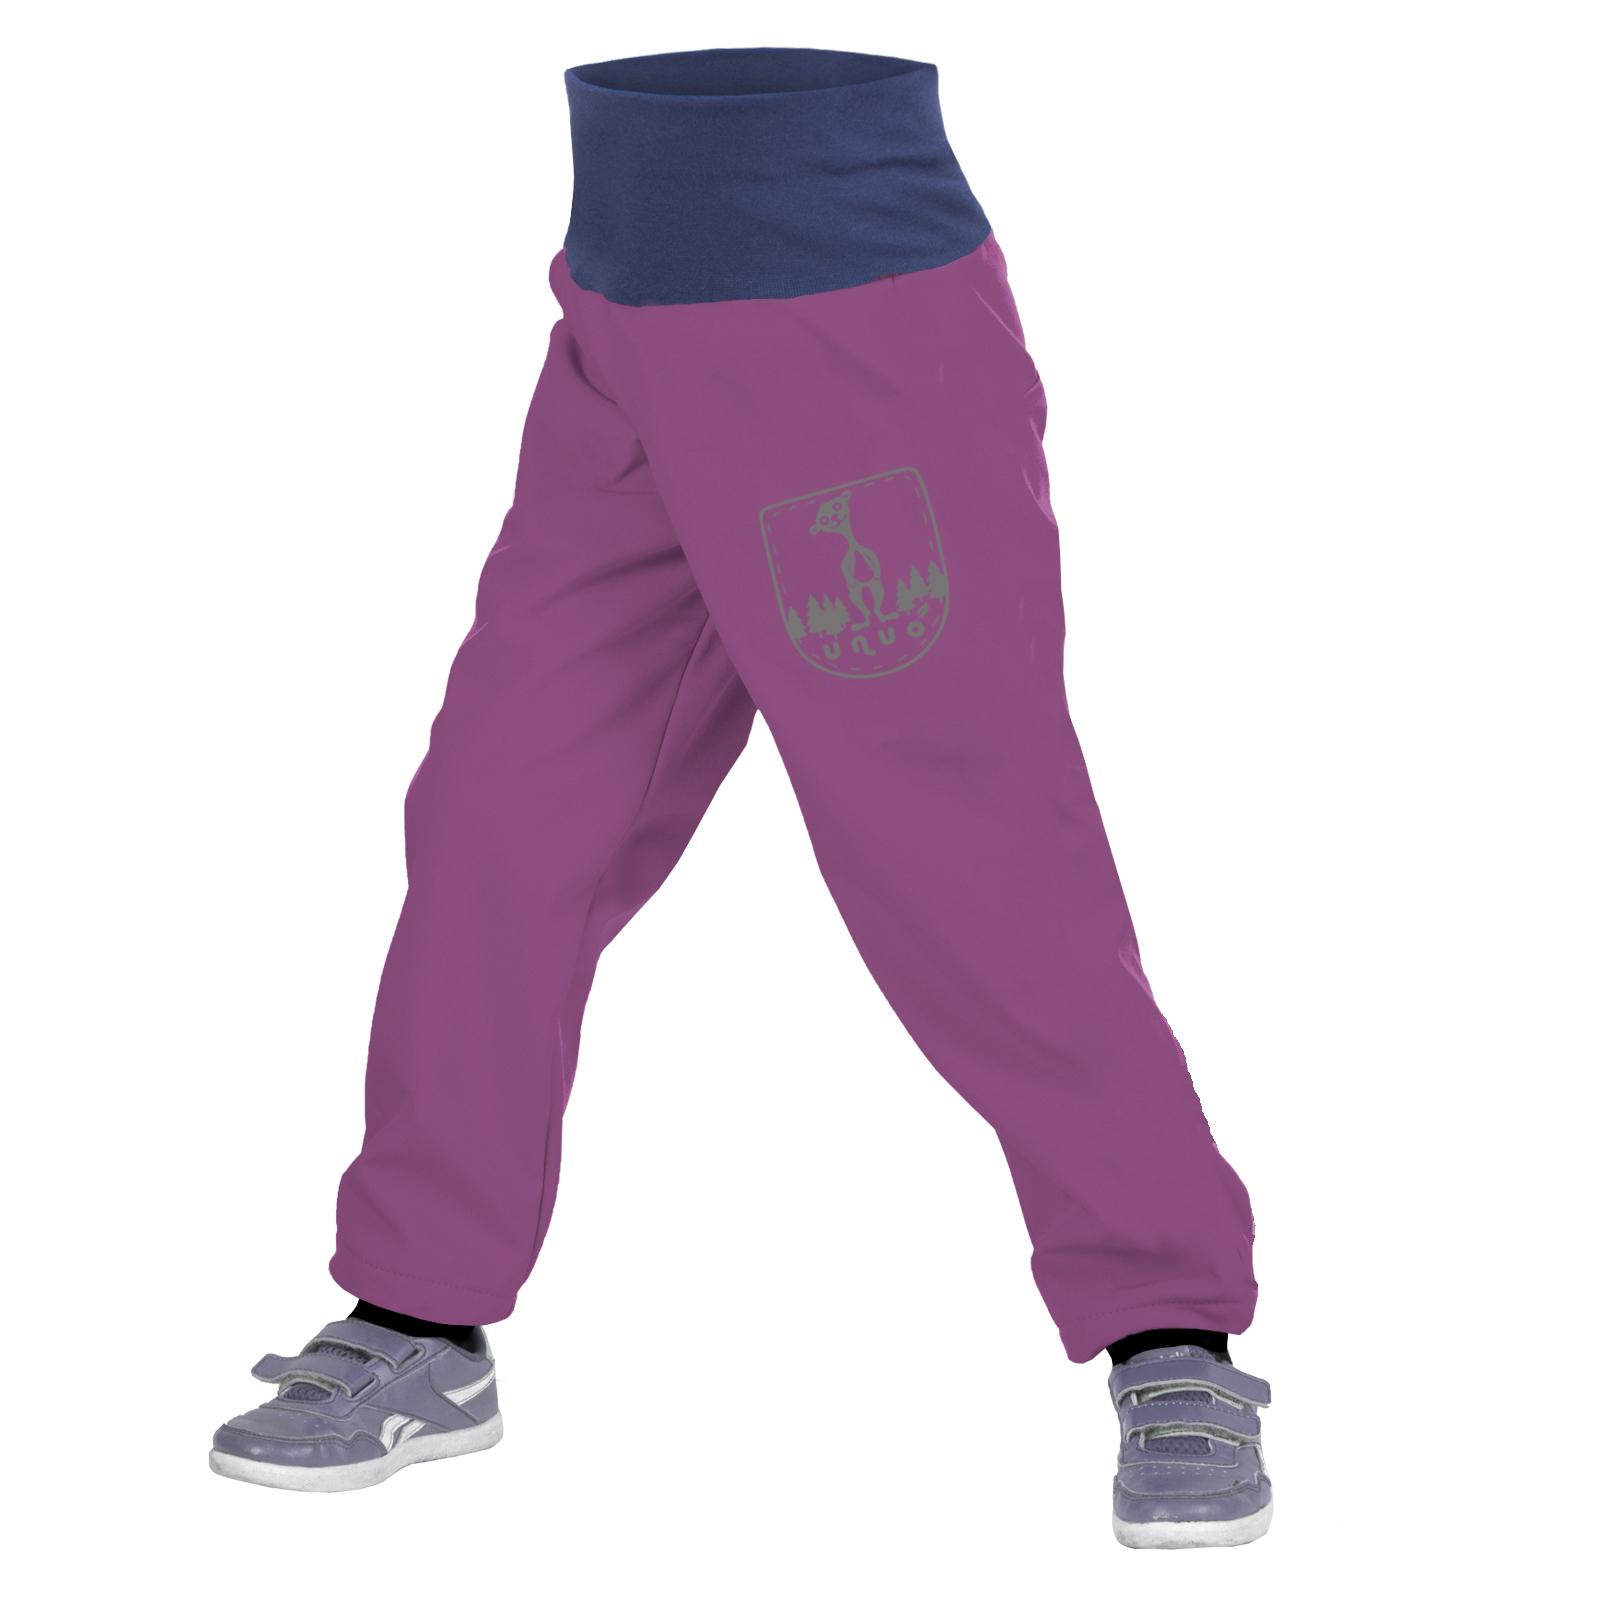 Unuo Batolecí softshellové kalhoty s fleecem, Ostružinová + reflexní obrázek Evžen (Softshell toodler trousers) Velikost: 92/98 SLIM